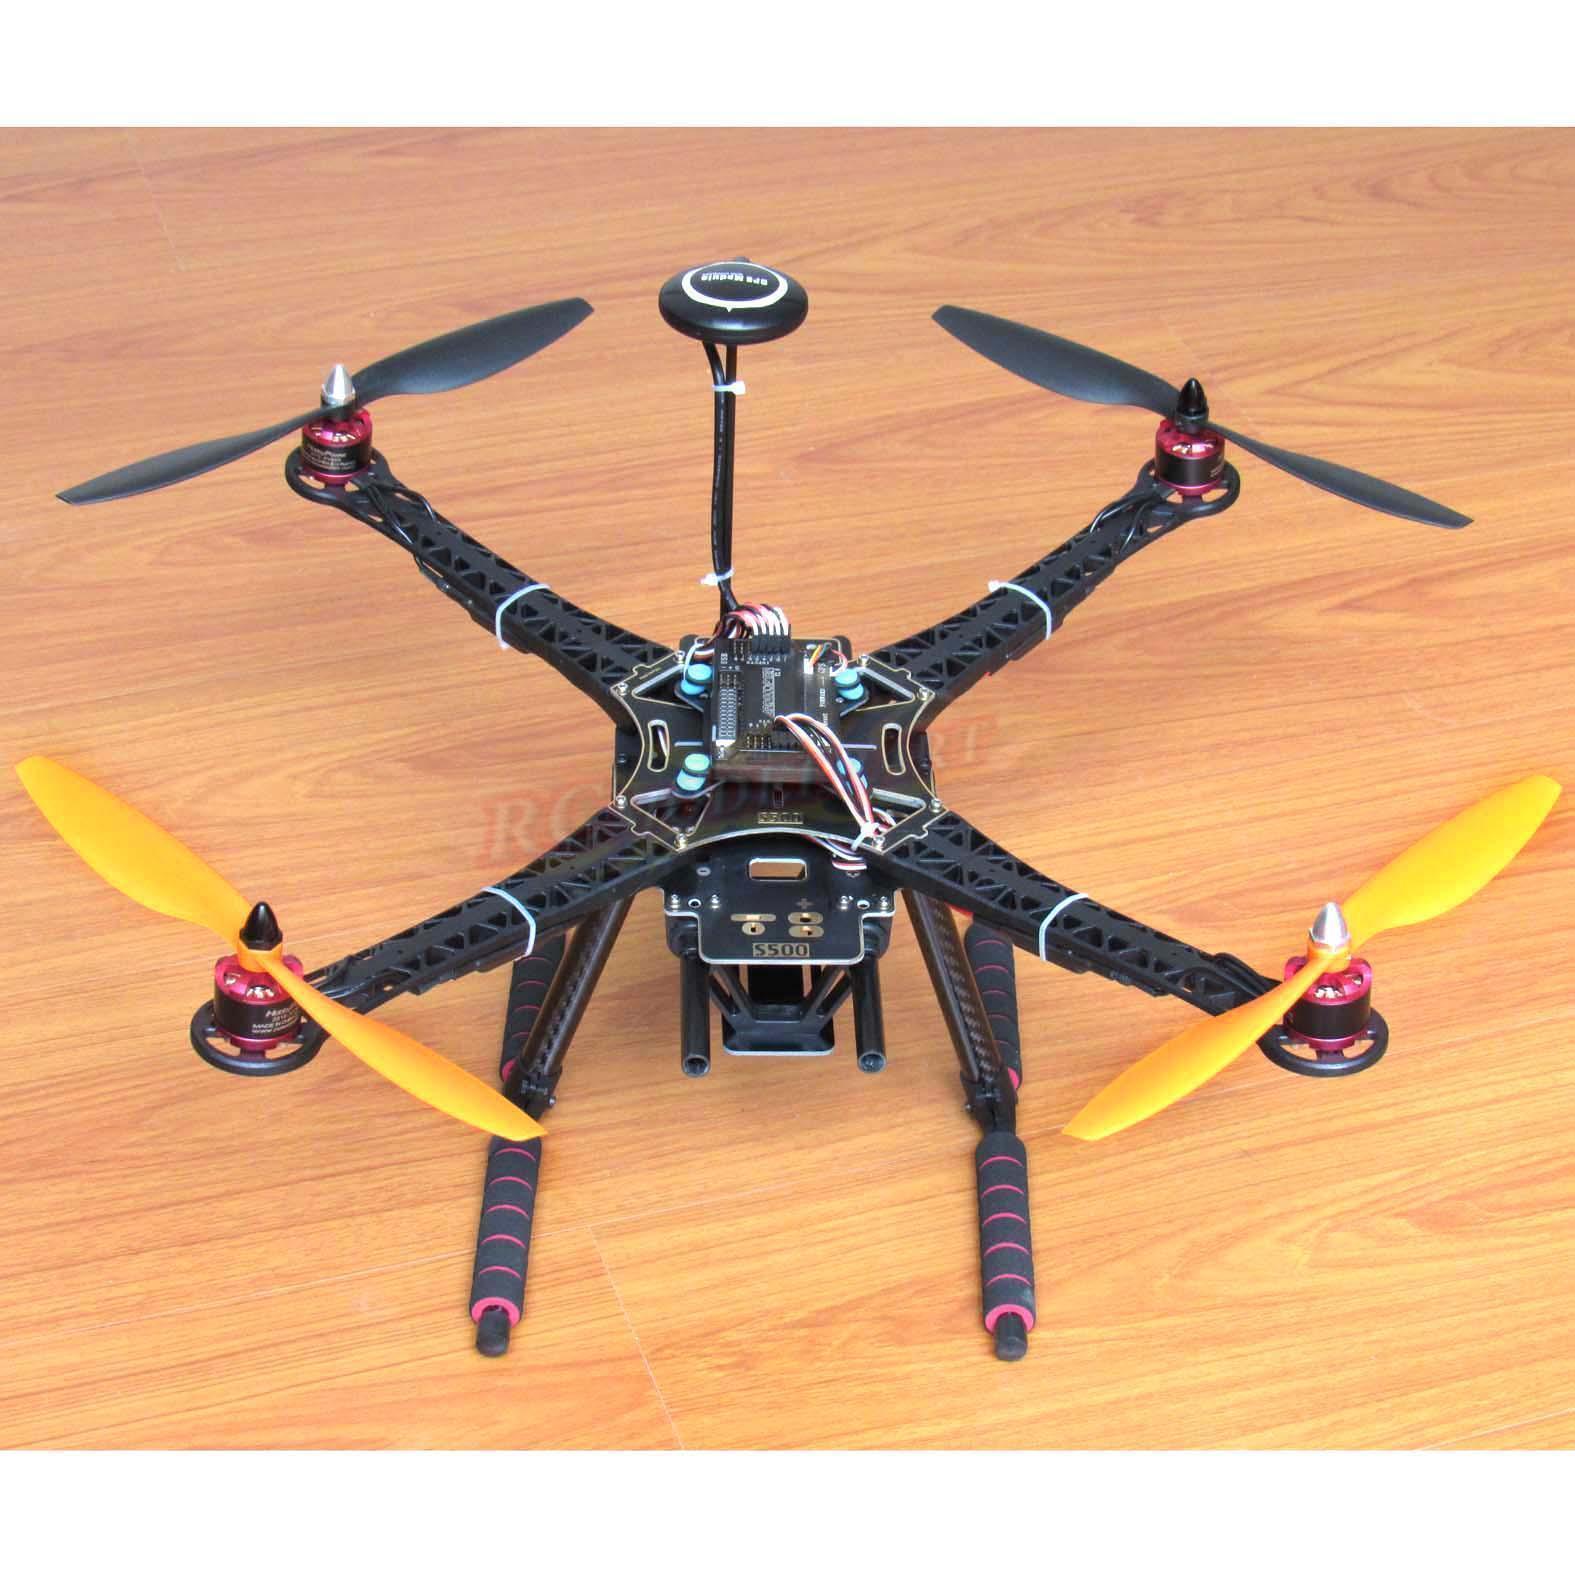 Diy - s500 quadcopter apm2.8 fc neo-7m gps hp2212 920kv bl - simonk 30a esc